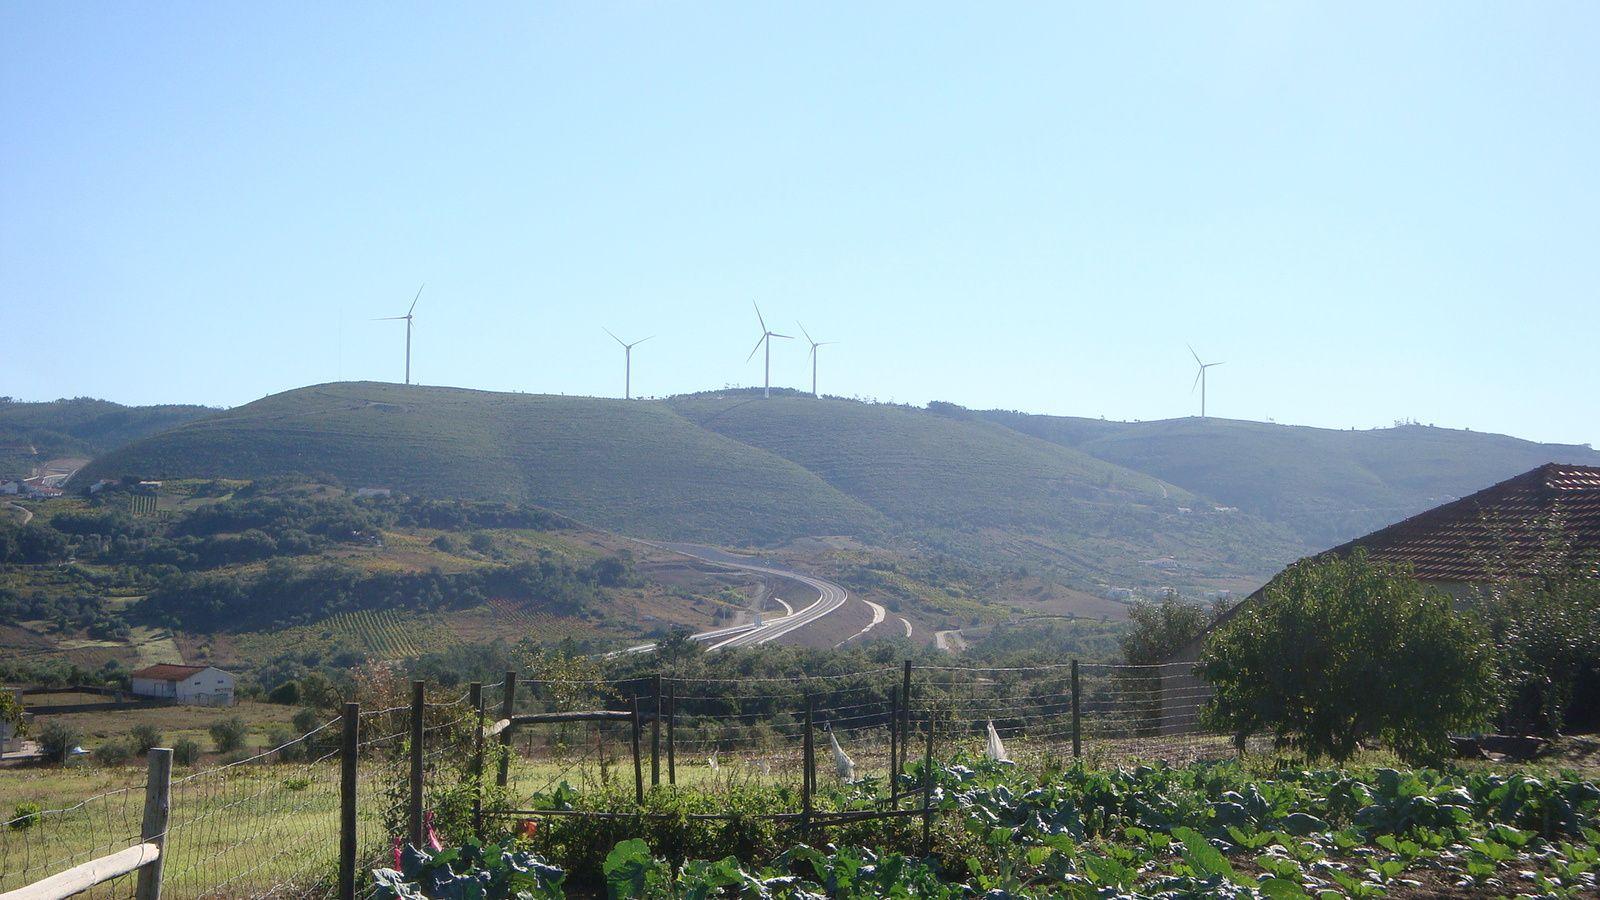 L'investissement dans les énergies renouvelables, l'un des rares succès du Portugal moderne. Au premier trimestre 2013 par exemple, près de 70% de l'électricité consommée dans le pays a été d'origine renouvelable – un chiffre qui dépend aussi de la force des vents. Le Portugal est l'un des rares pays au monde dont plus de 60% de la production électrique est d'origine renouvelable. Les efforts en la matière sont récents mais significatifs : entre 2005 et 2010, le Portugal a fait passer sa part d'énergie d'origine renouvelable de 17% à 45%, en multipliant par 7 sa production d'énergie éolienne, tout en développant beaucoup l'hydro-électricité, l'énergie houlomotrice et le solaire.